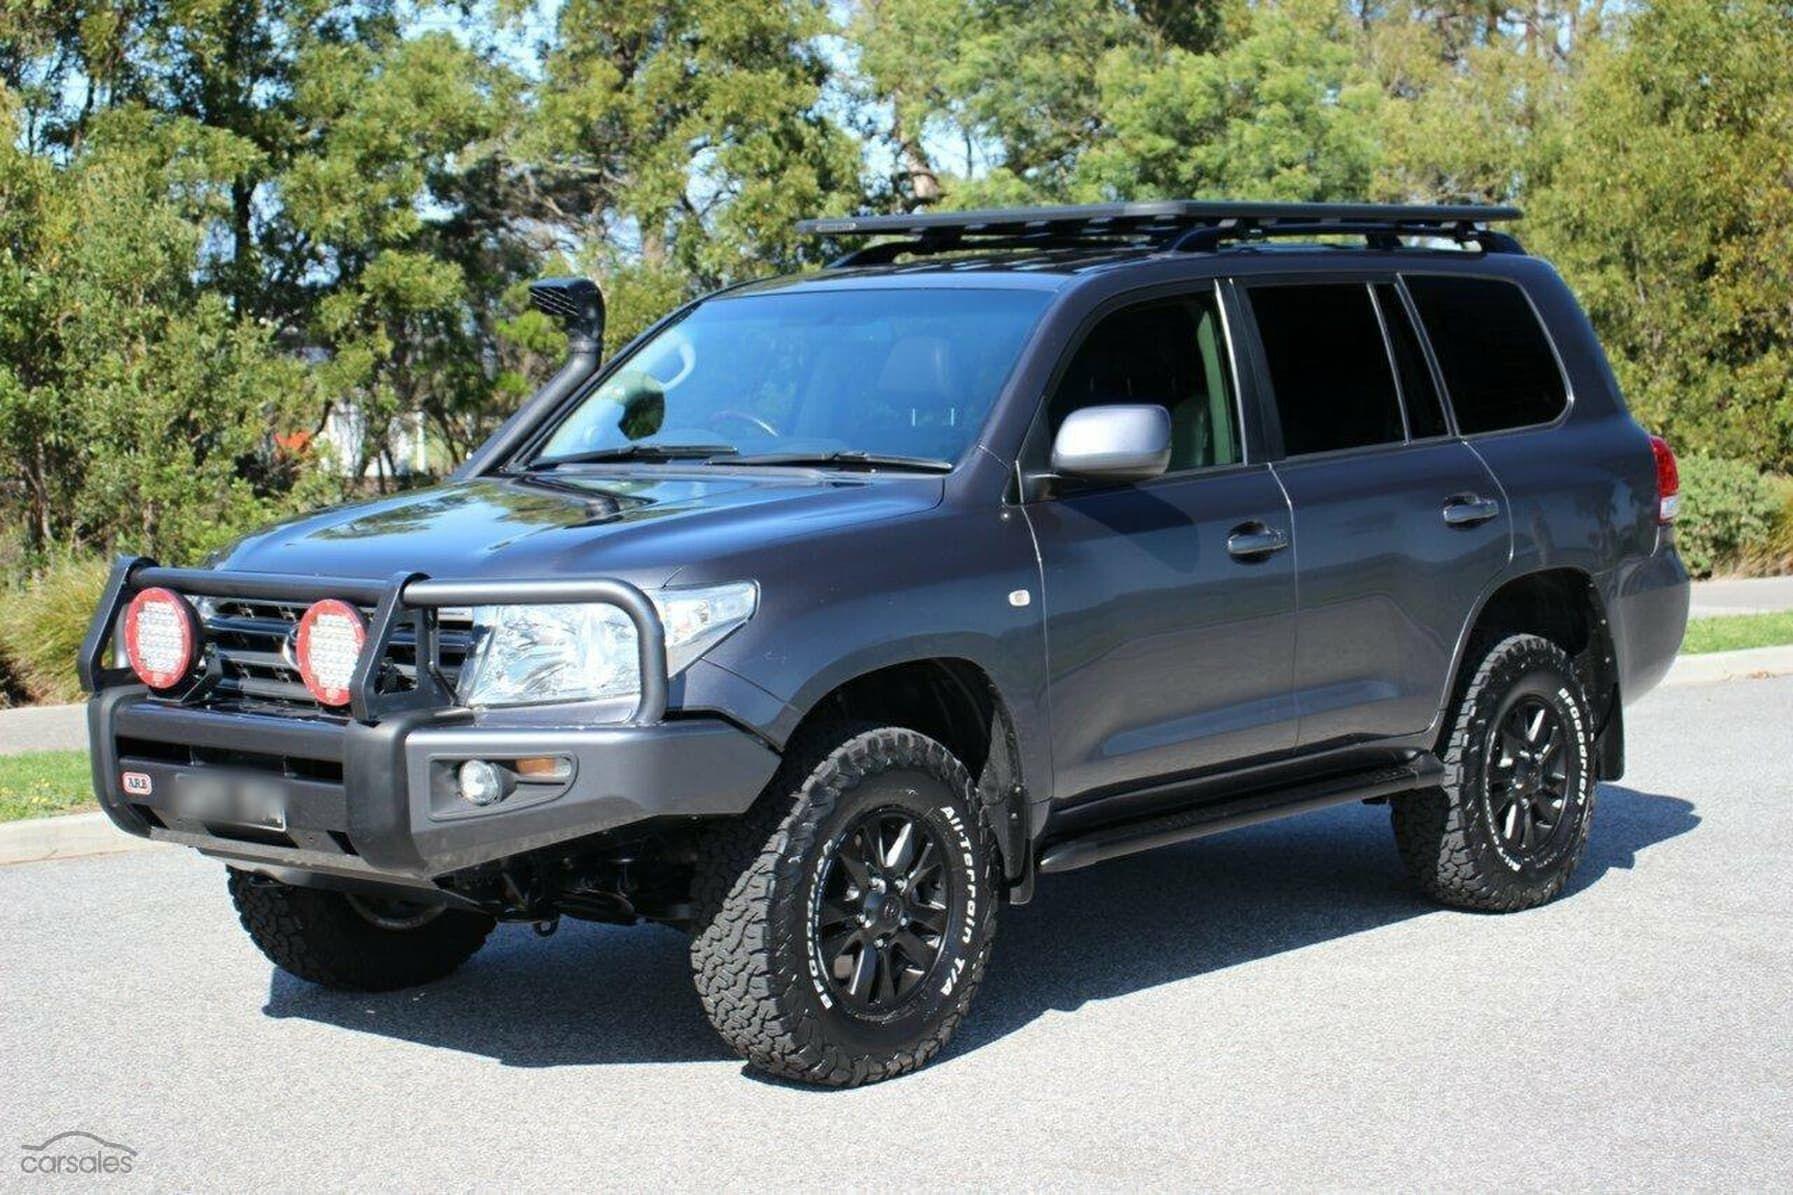 2008 Toyota Landcruiser Sahara Auto 4x4OAGAD17985137